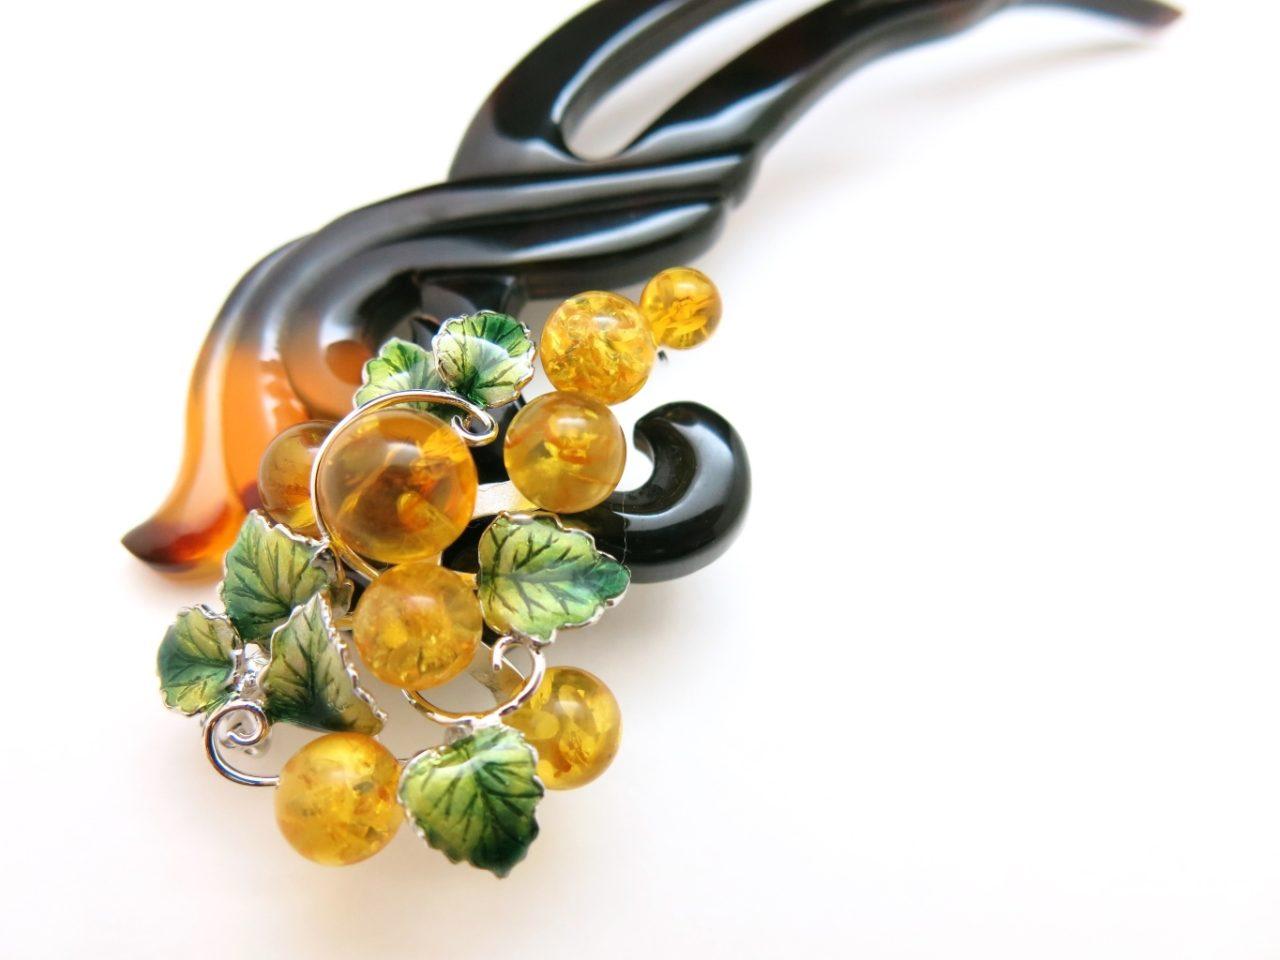 べっ甲葡萄装飾付き4WAYかんざし|縁起物の葡萄(琥珀・七宝・銀(SV925)製)を添えたユニークなかんざし。